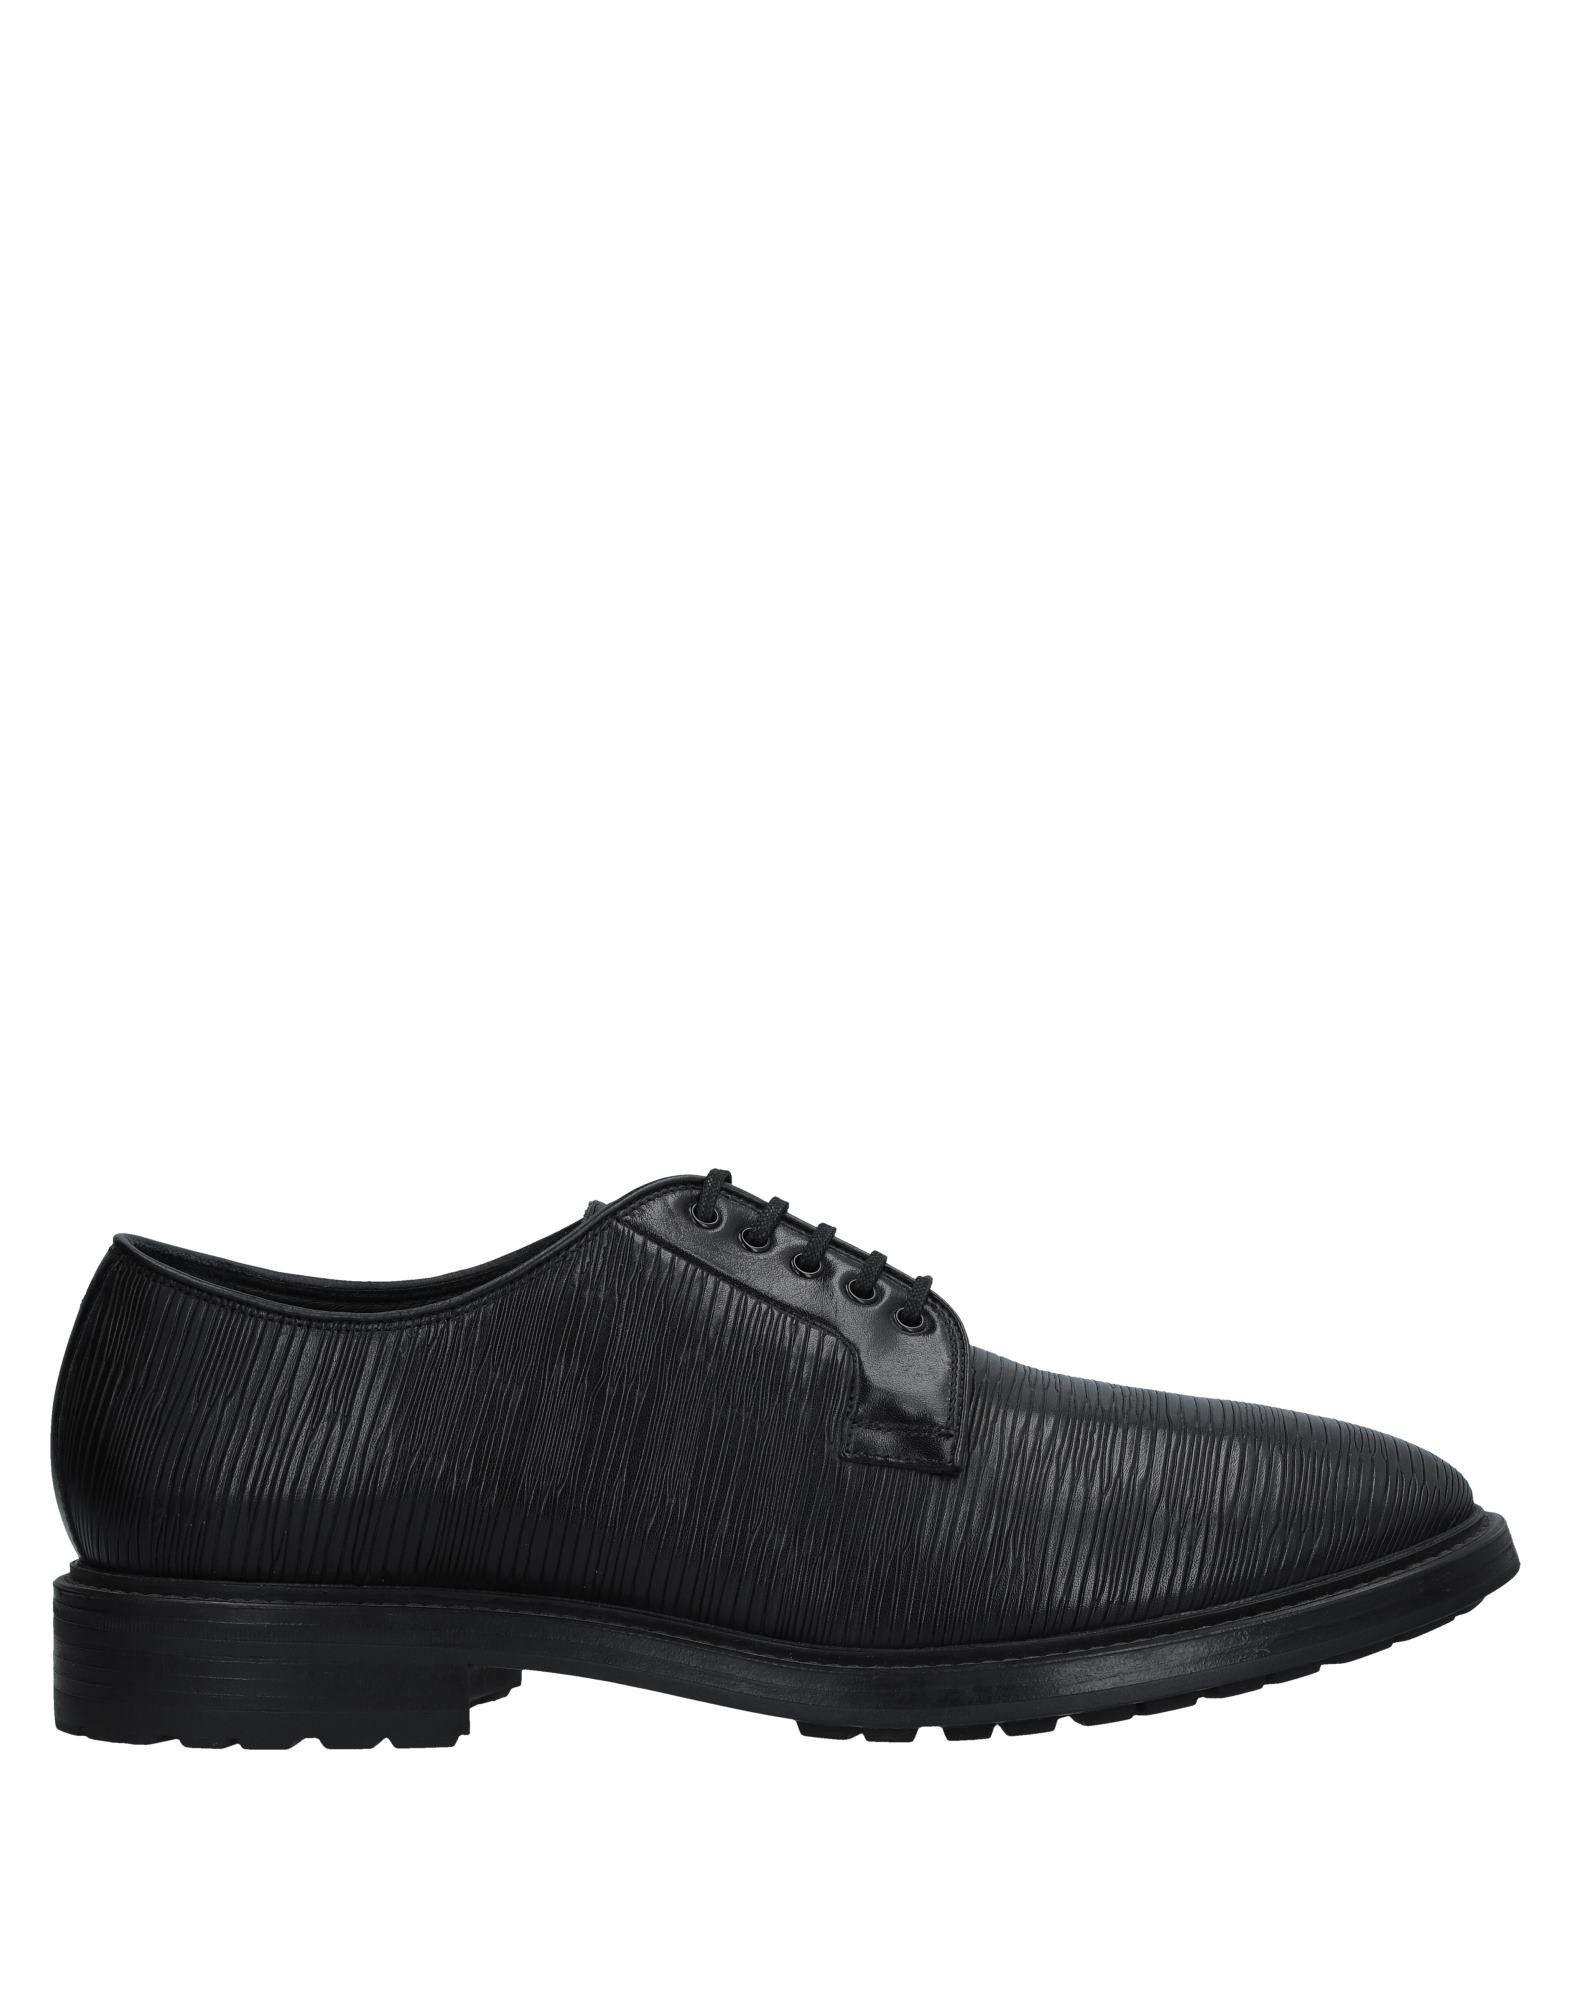 Emporio Armani Schnürschuhe Herren  11529514BN Gute Qualität beliebte Schuhe